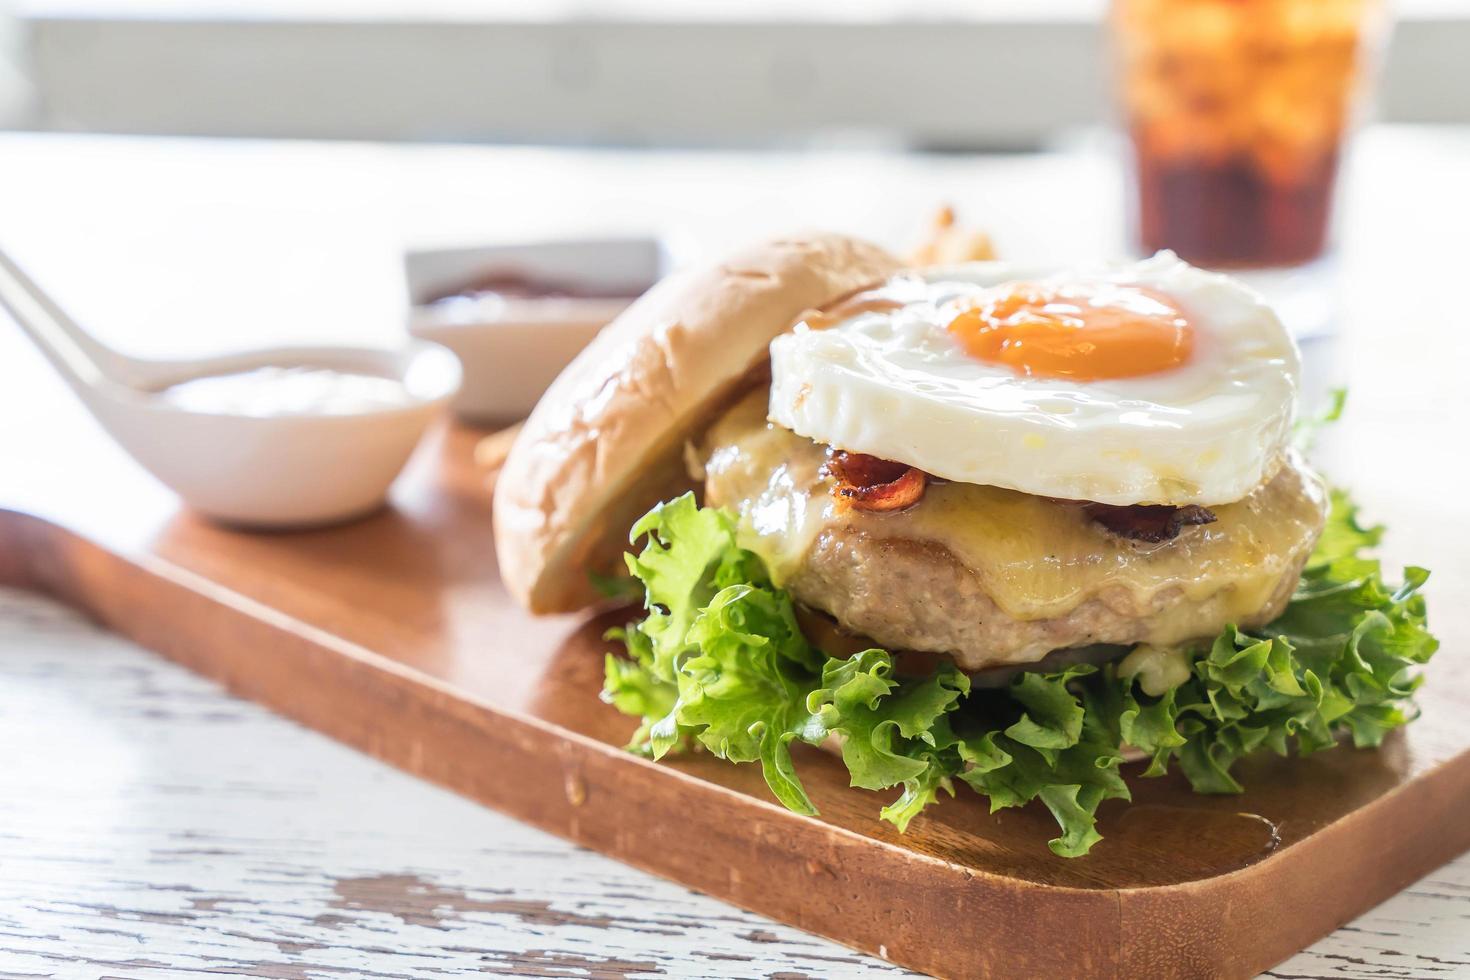 Hamburger with egg on it photo